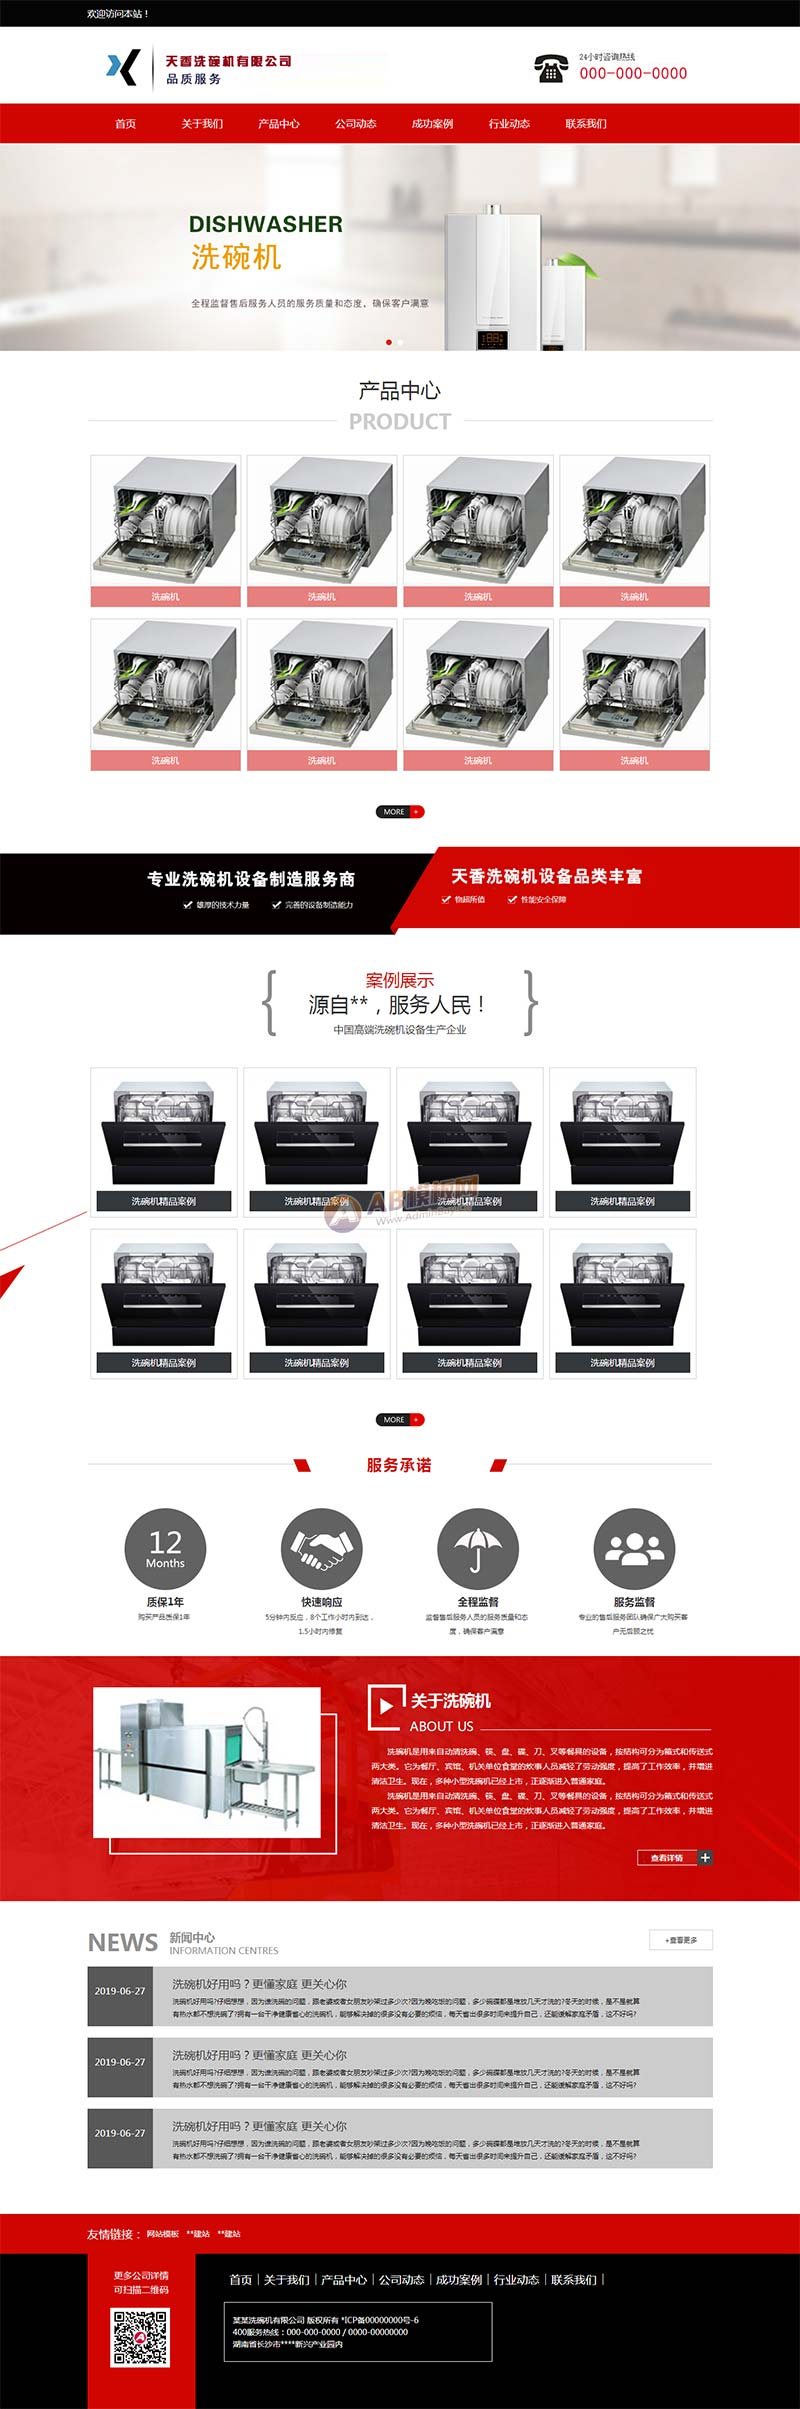 洗碗机设备制造公司网站html静态betway安卓必威备用地址版